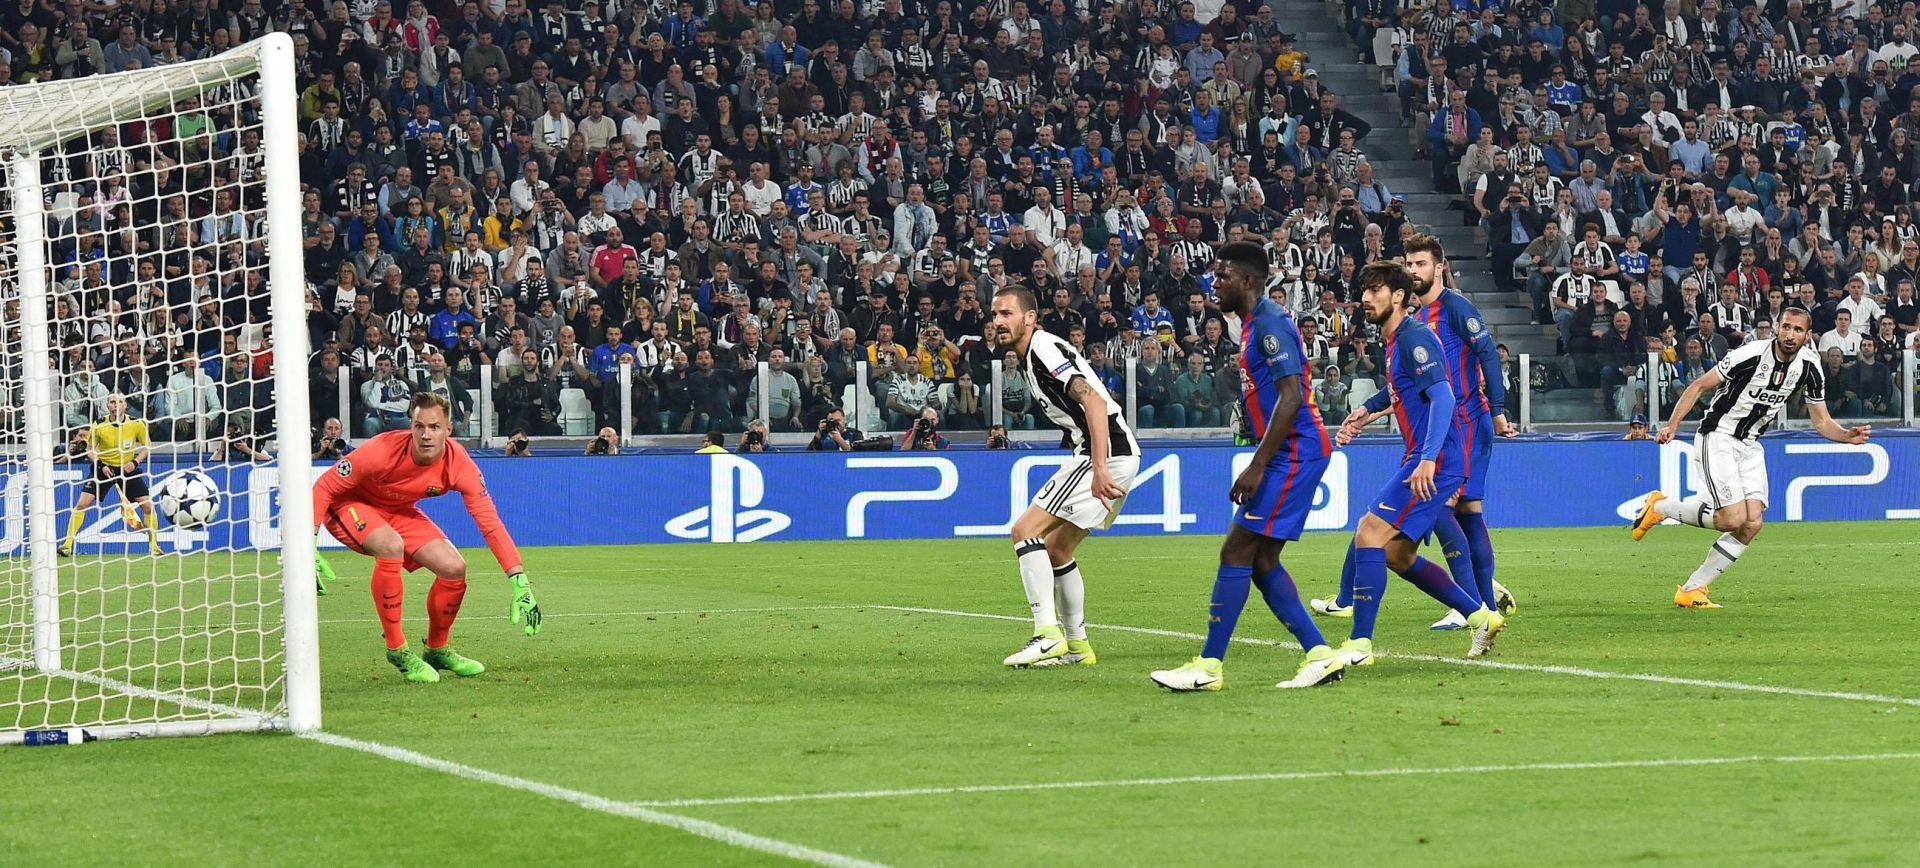 LIGA PRVAKA Mandžukić asistent u pobjedi Juventusa nad Barcelonom 3:0